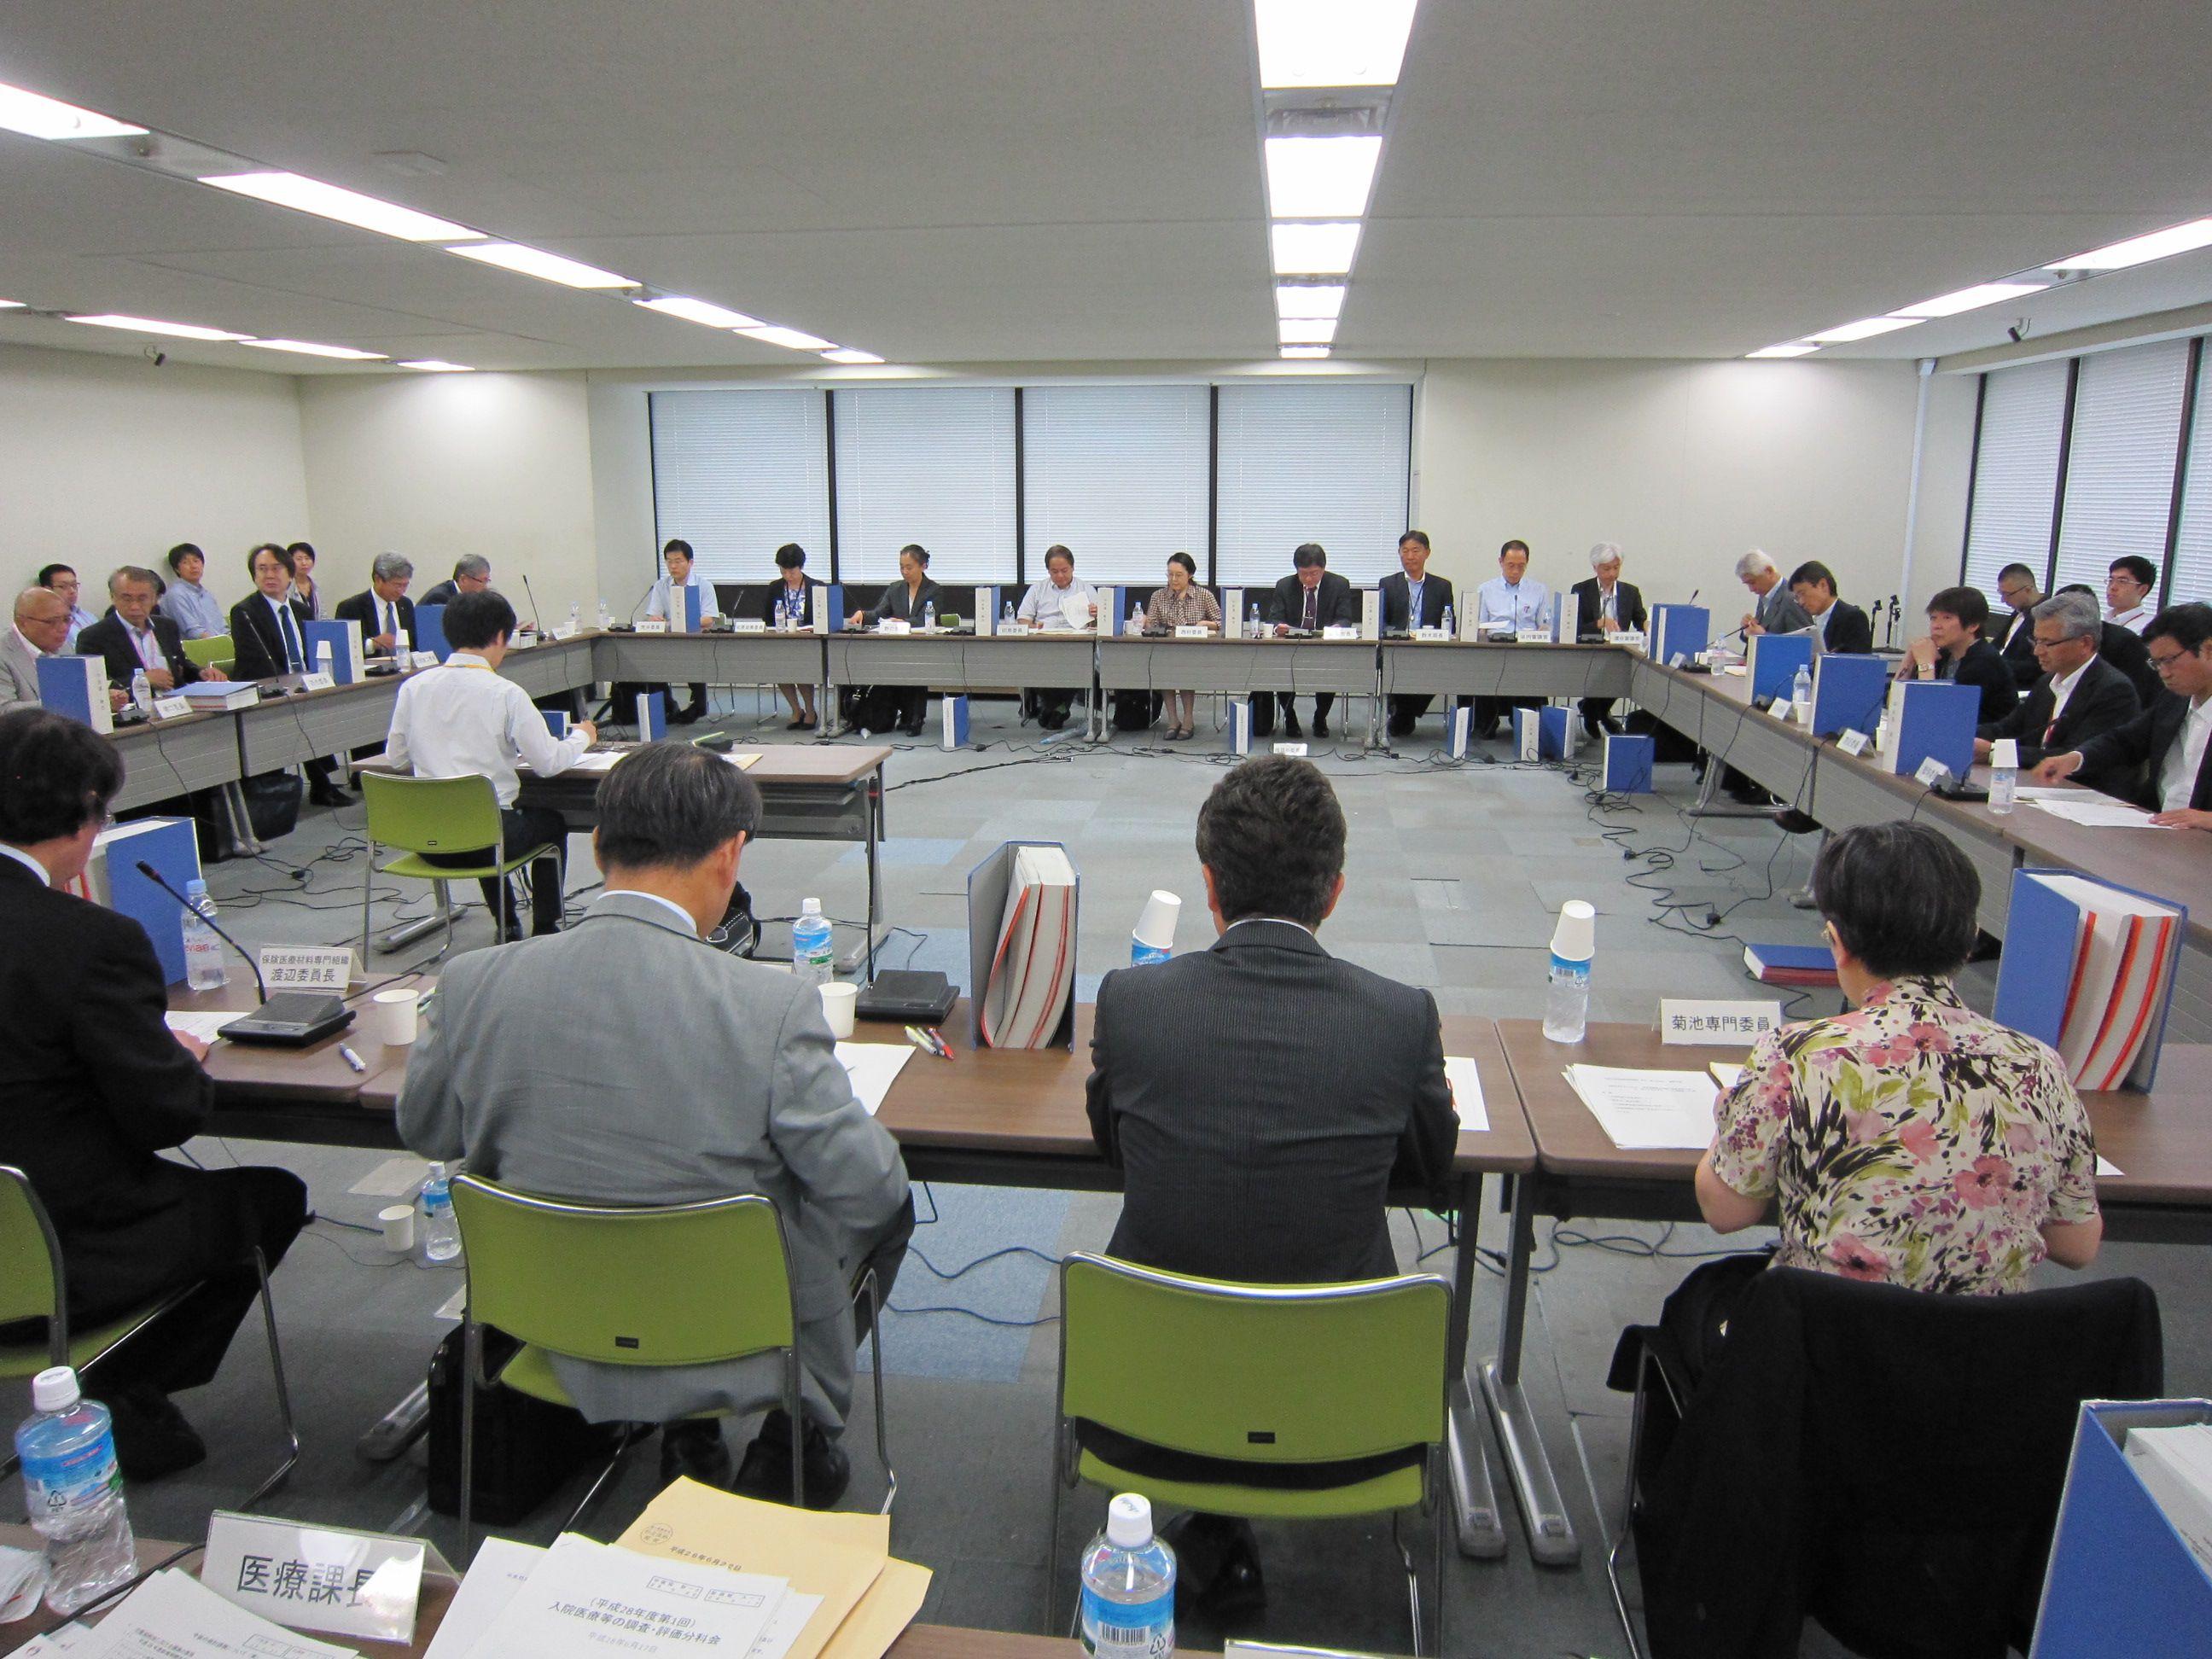 6月22日に開催された、「第333回 中央社会保険医療協議会 総会」